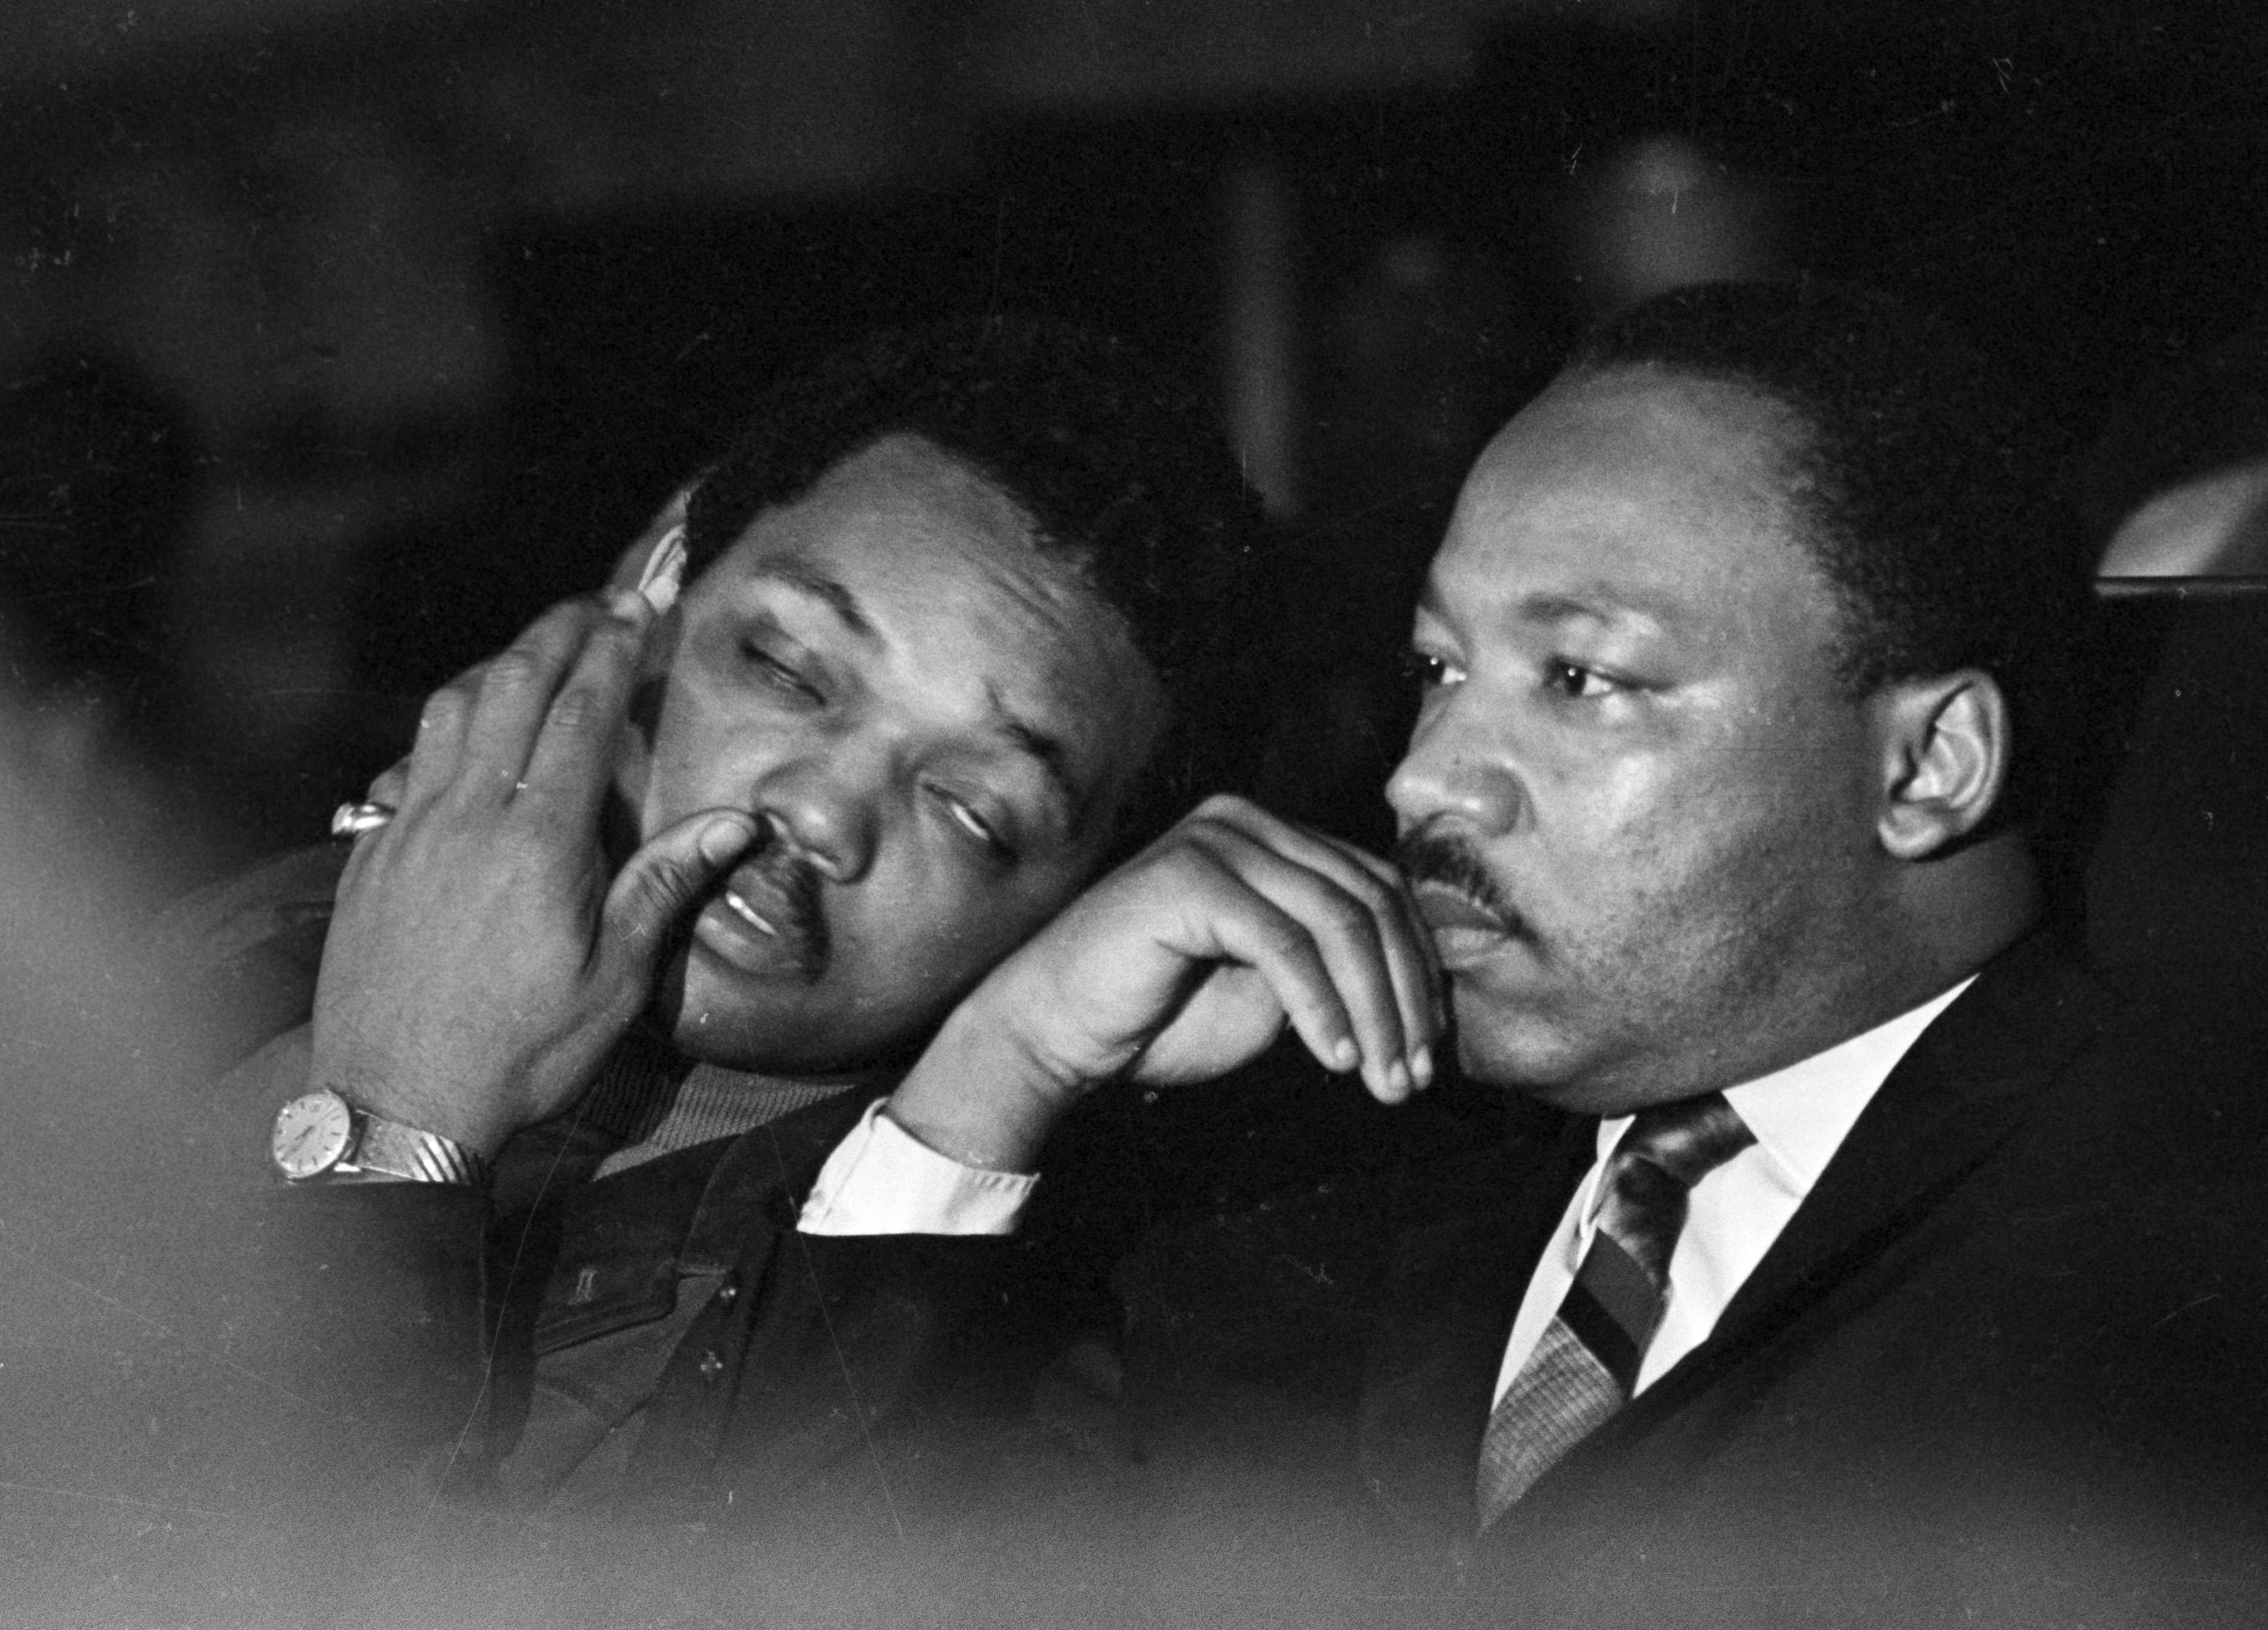 金恩與傑克遜牧師(左),4月4日在田納西州孟菲斯市聲援非裔清潔工人罷工。(美聯社)